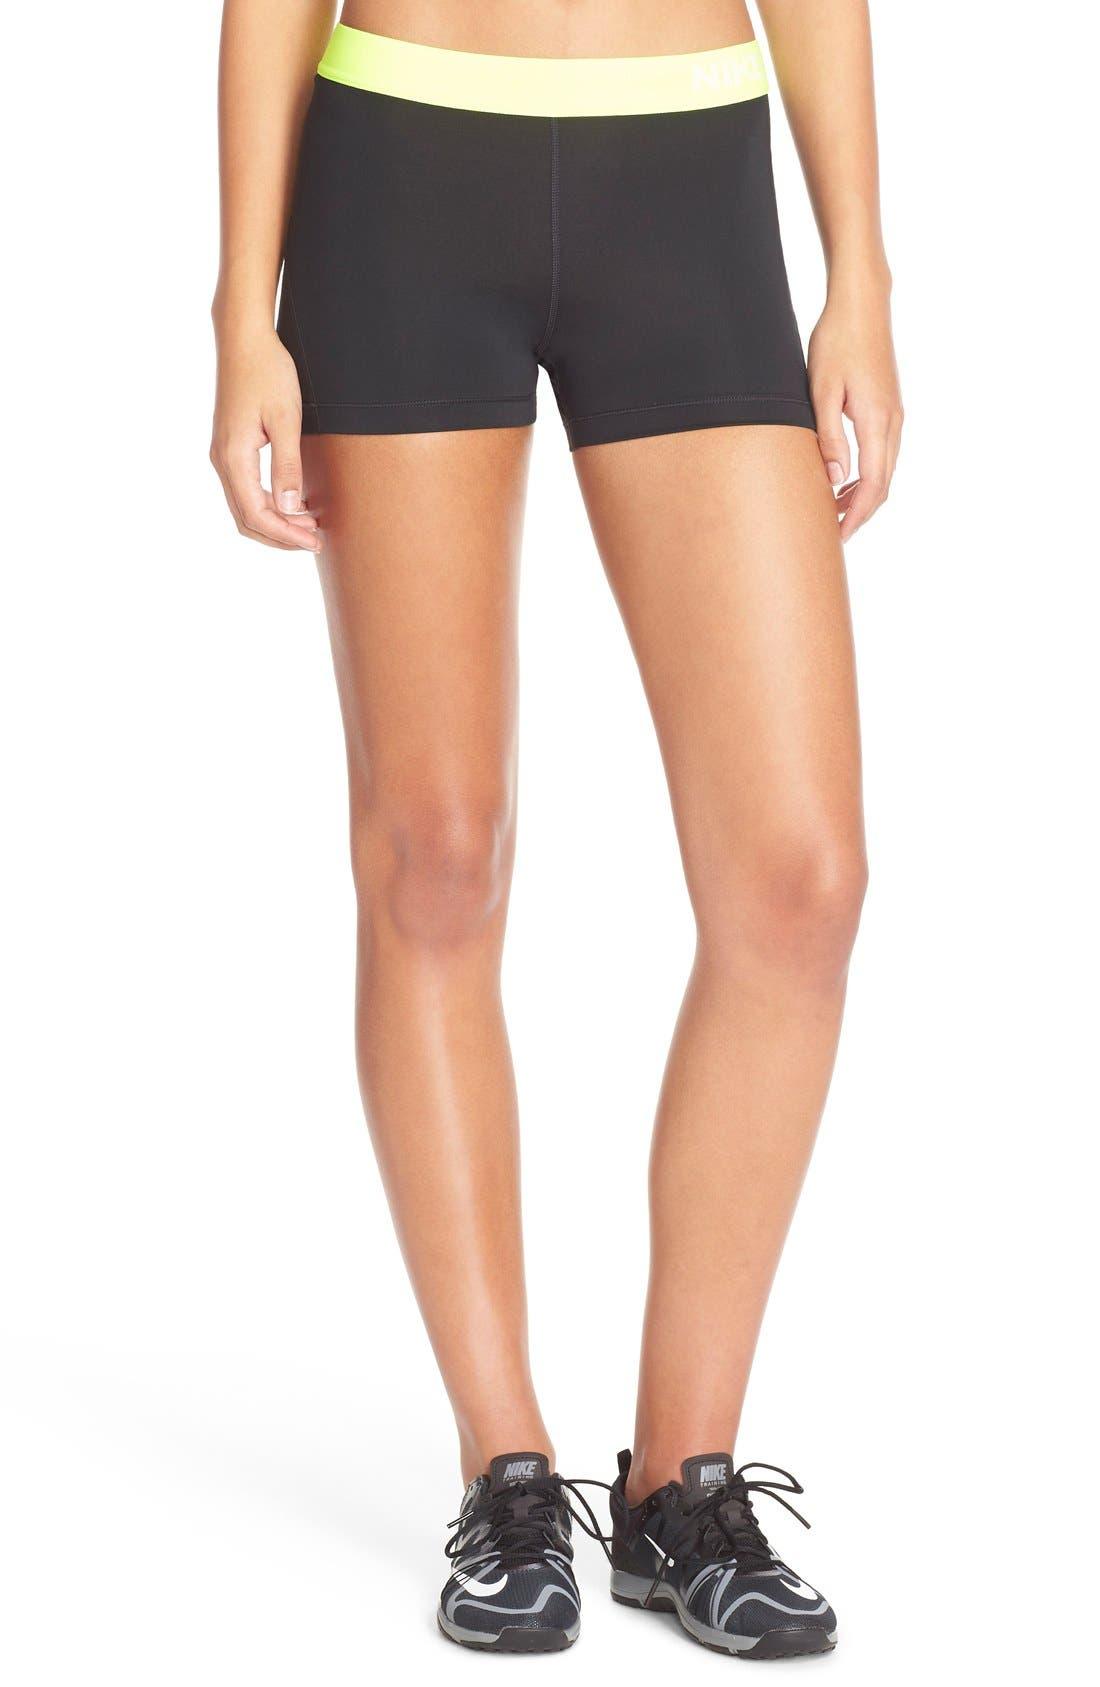 NIKE,                             'Pro' Dri-FIT Shorts,                             Main thumbnail 1, color,                             012